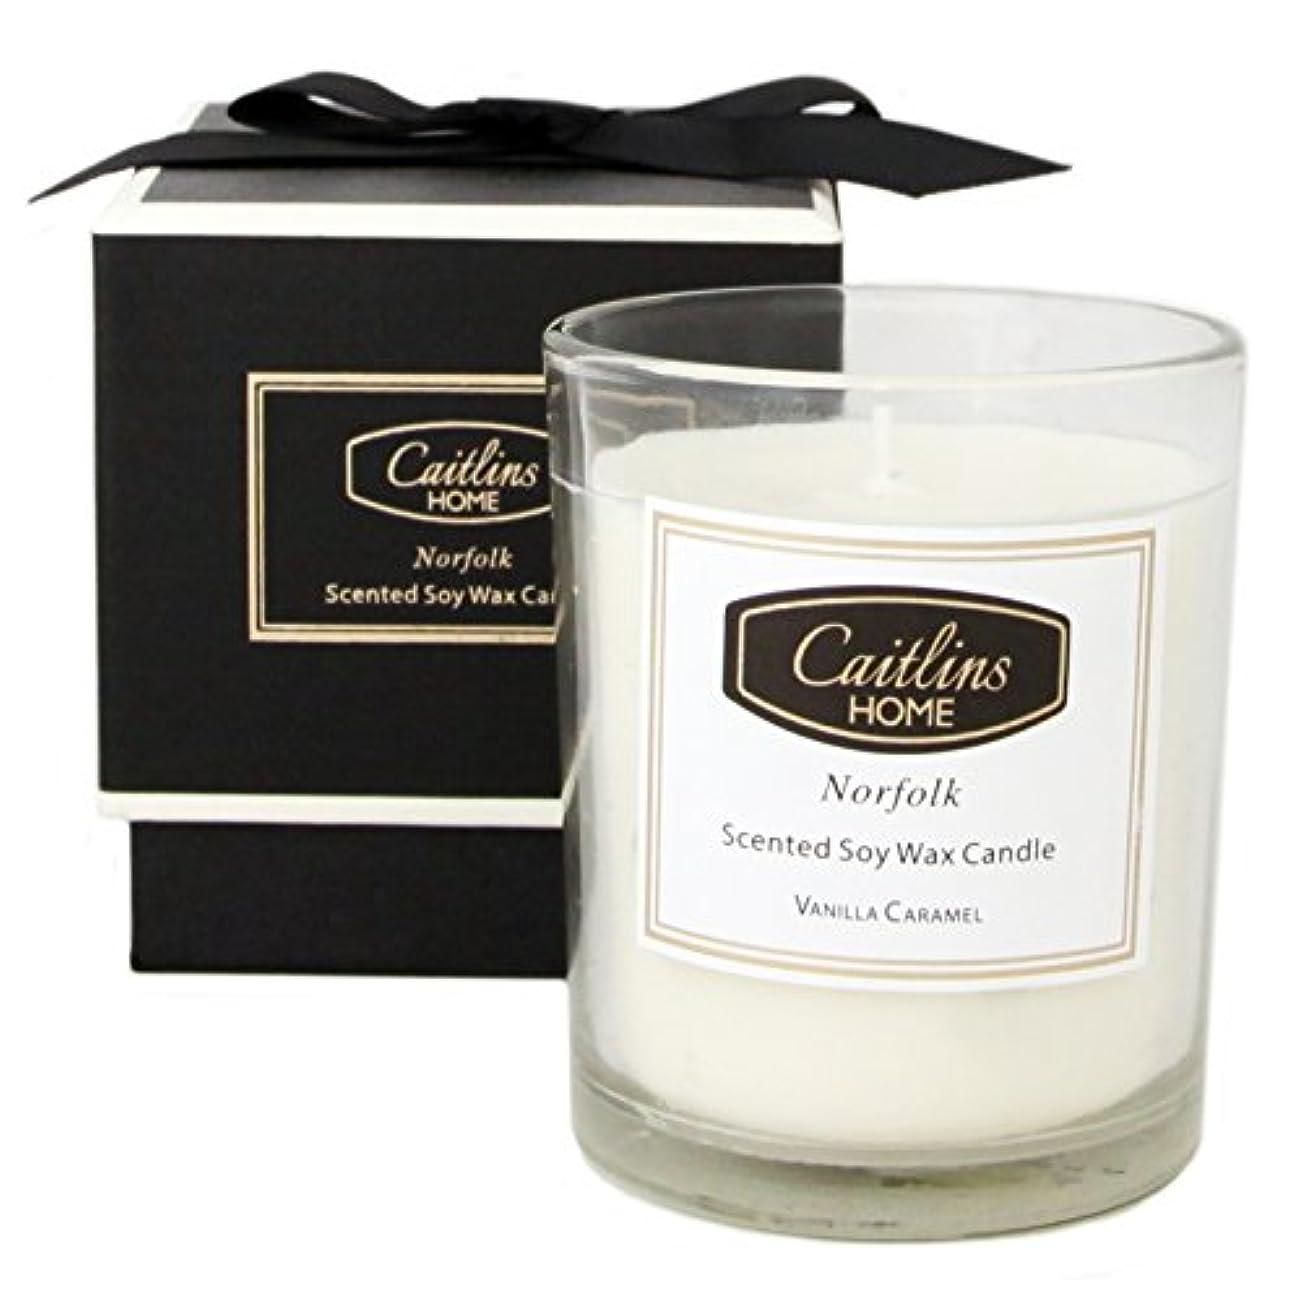 広げる落胆したそよ風(Small, Vanilla Caramel) - Vanilla Caramel Candle Soy Wax Aromatherapy Candle Home Fragrance Gift Caitlins Home